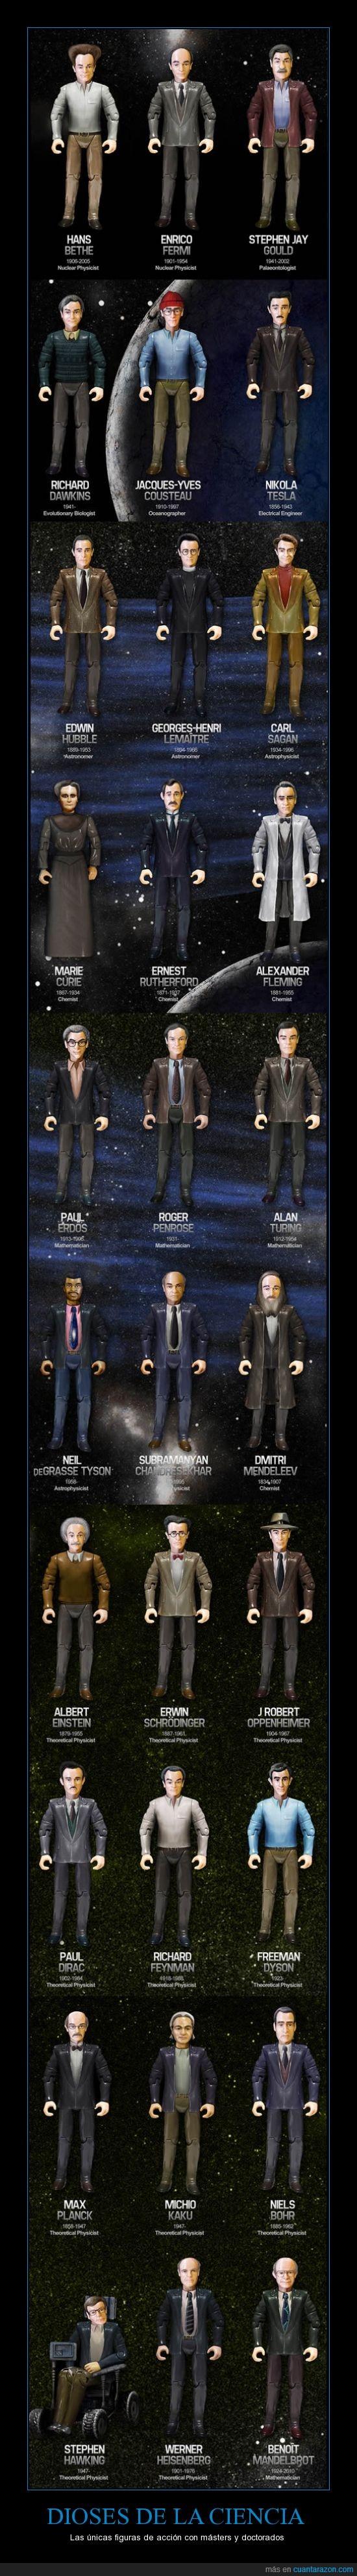 accion,ateismo,ateos,brillantes,ciencia,cientificos,dioses,doctorado,figuras,juguetes,maestria,mentesm genios,muñecos